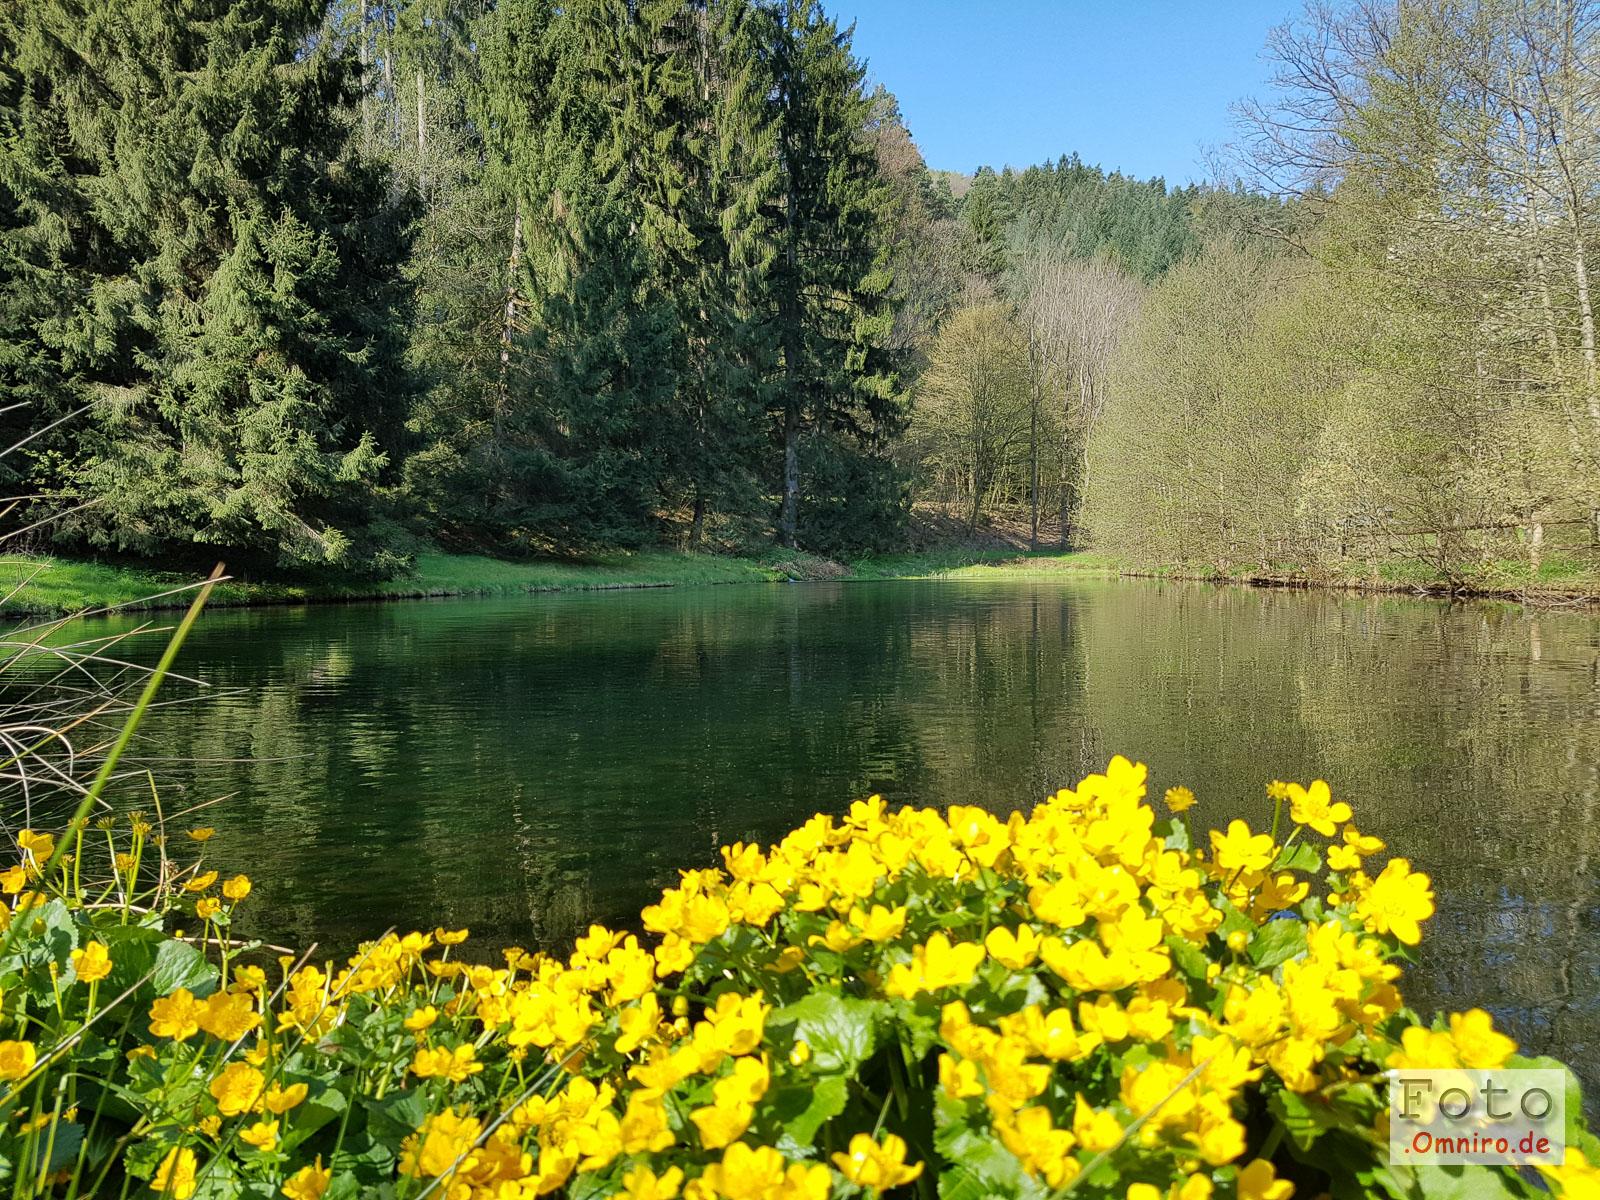 2016-05-02_10-05-17_Pfalz_20160502_100517-1600